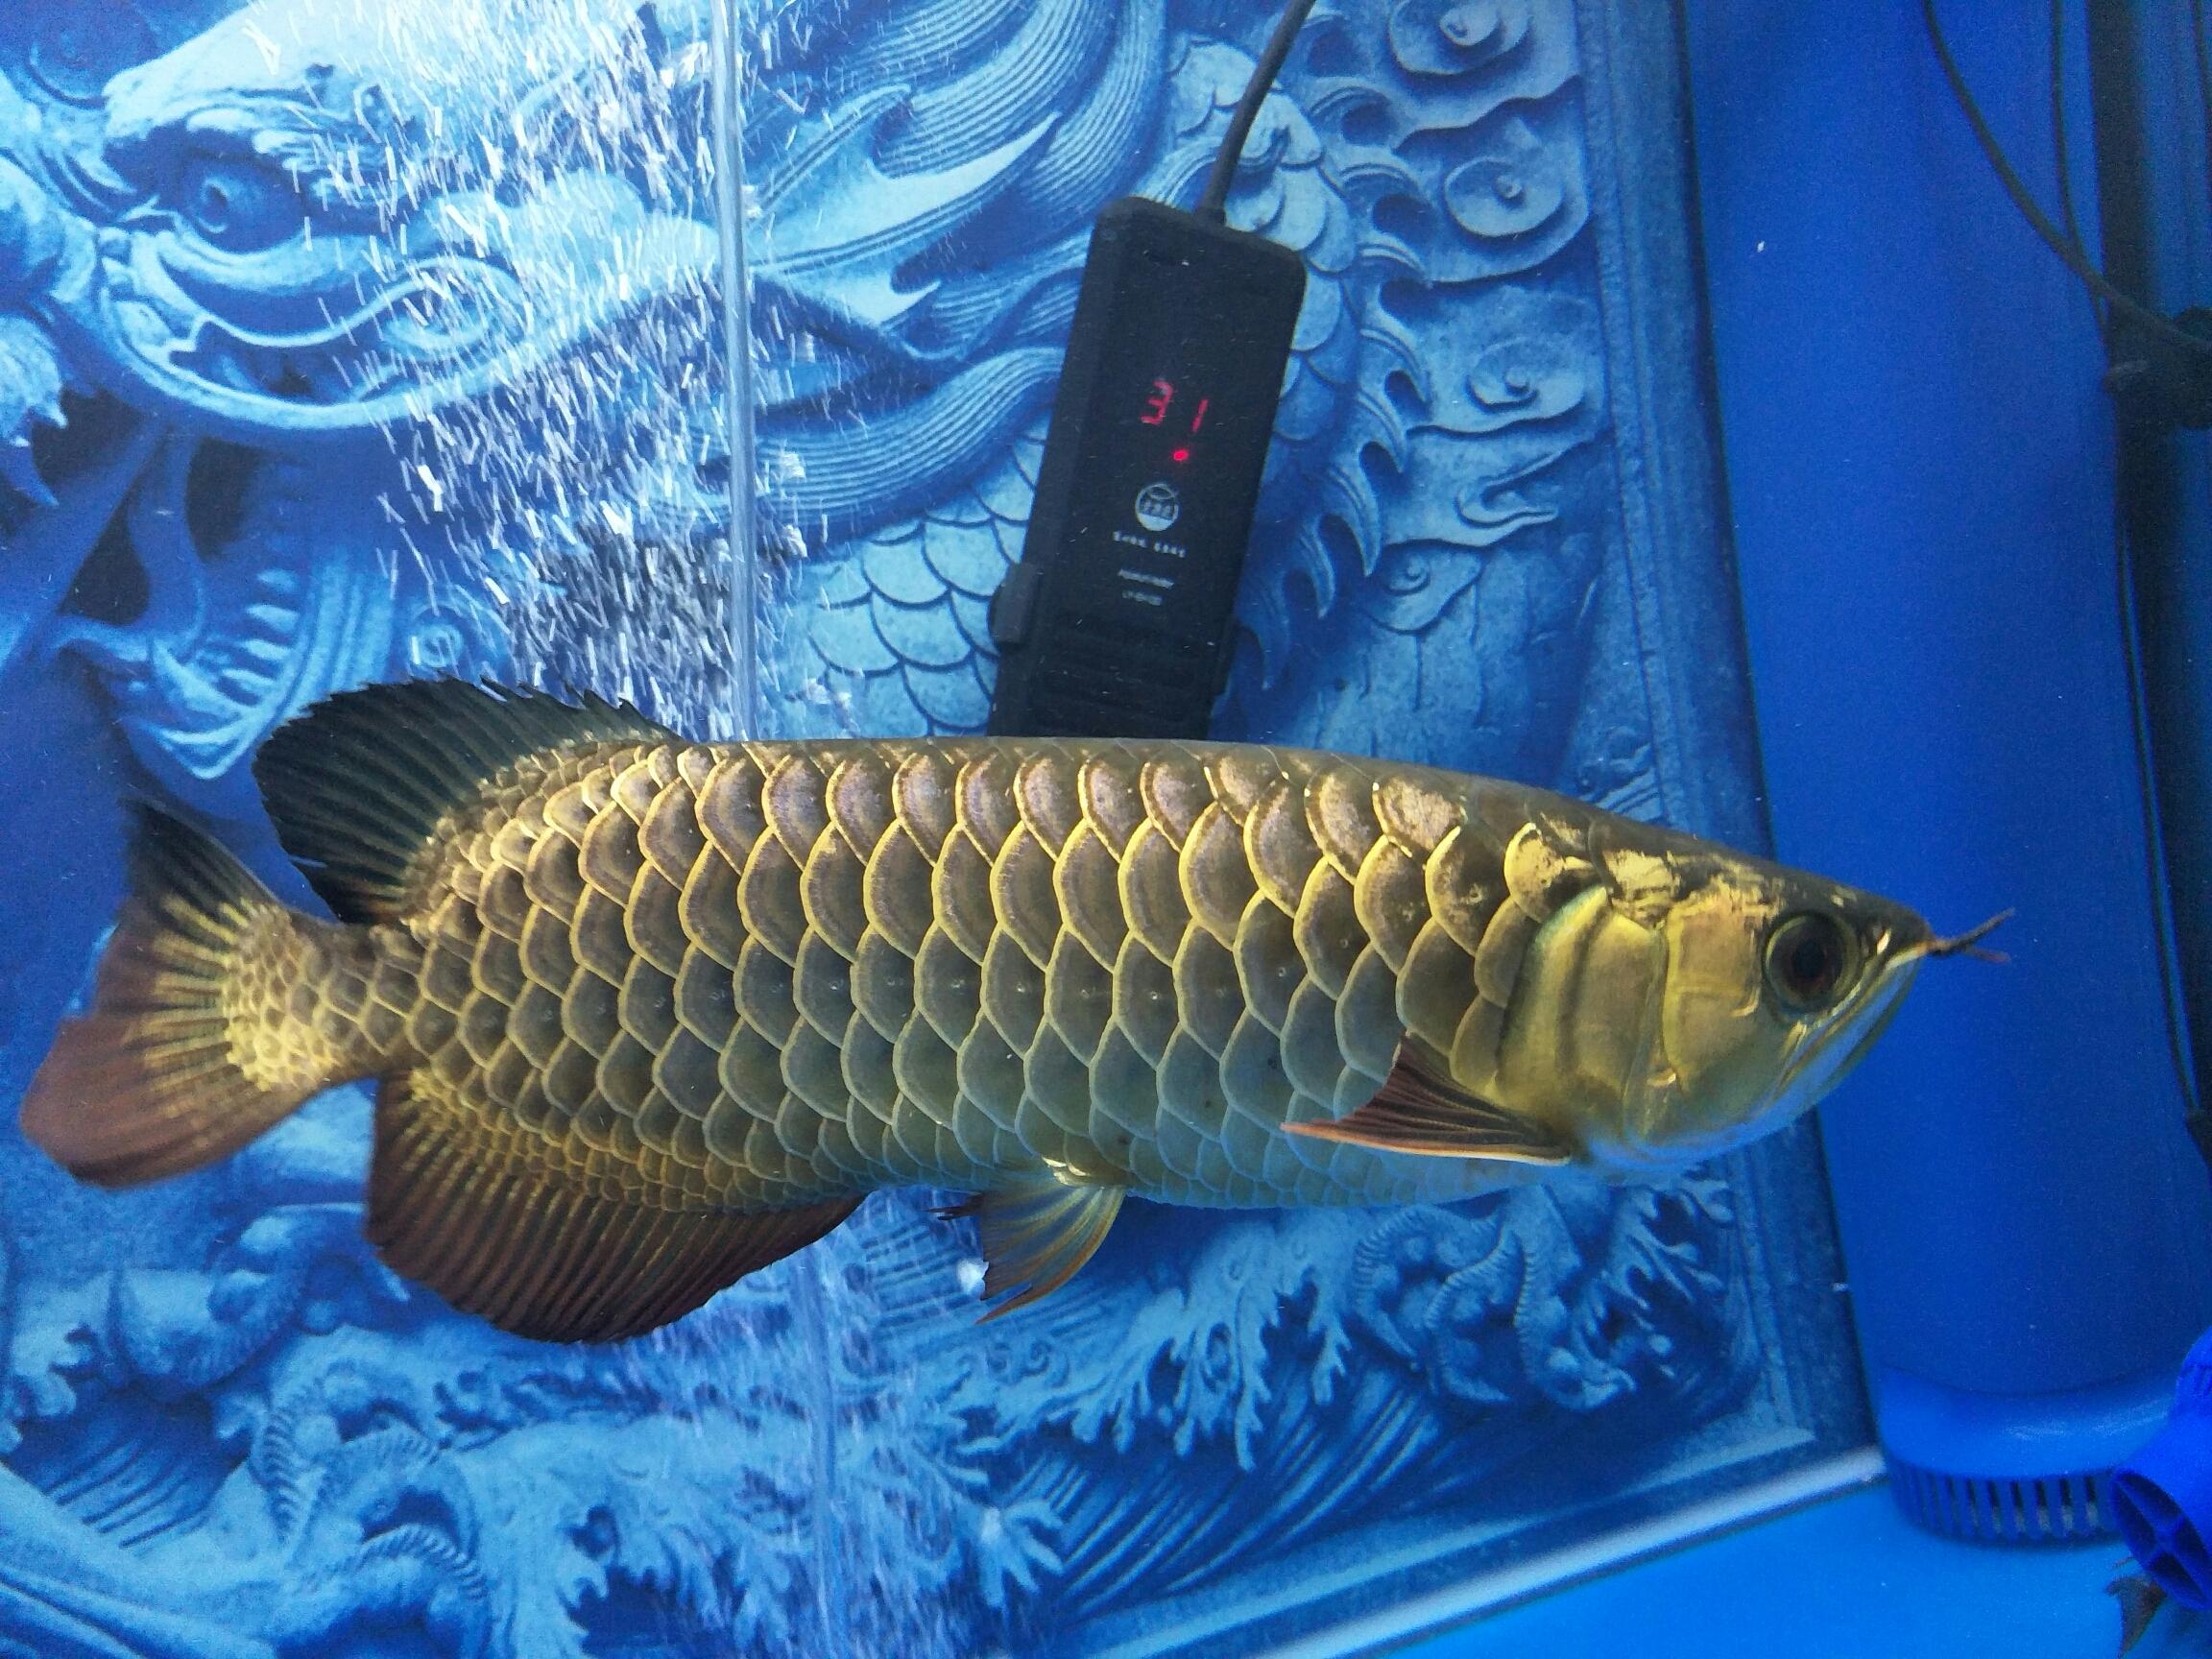 北京玫瑰银板鱼批发新收留的来了就开始抢龙王 北京龙鱼论坛 北京龙鱼第2张